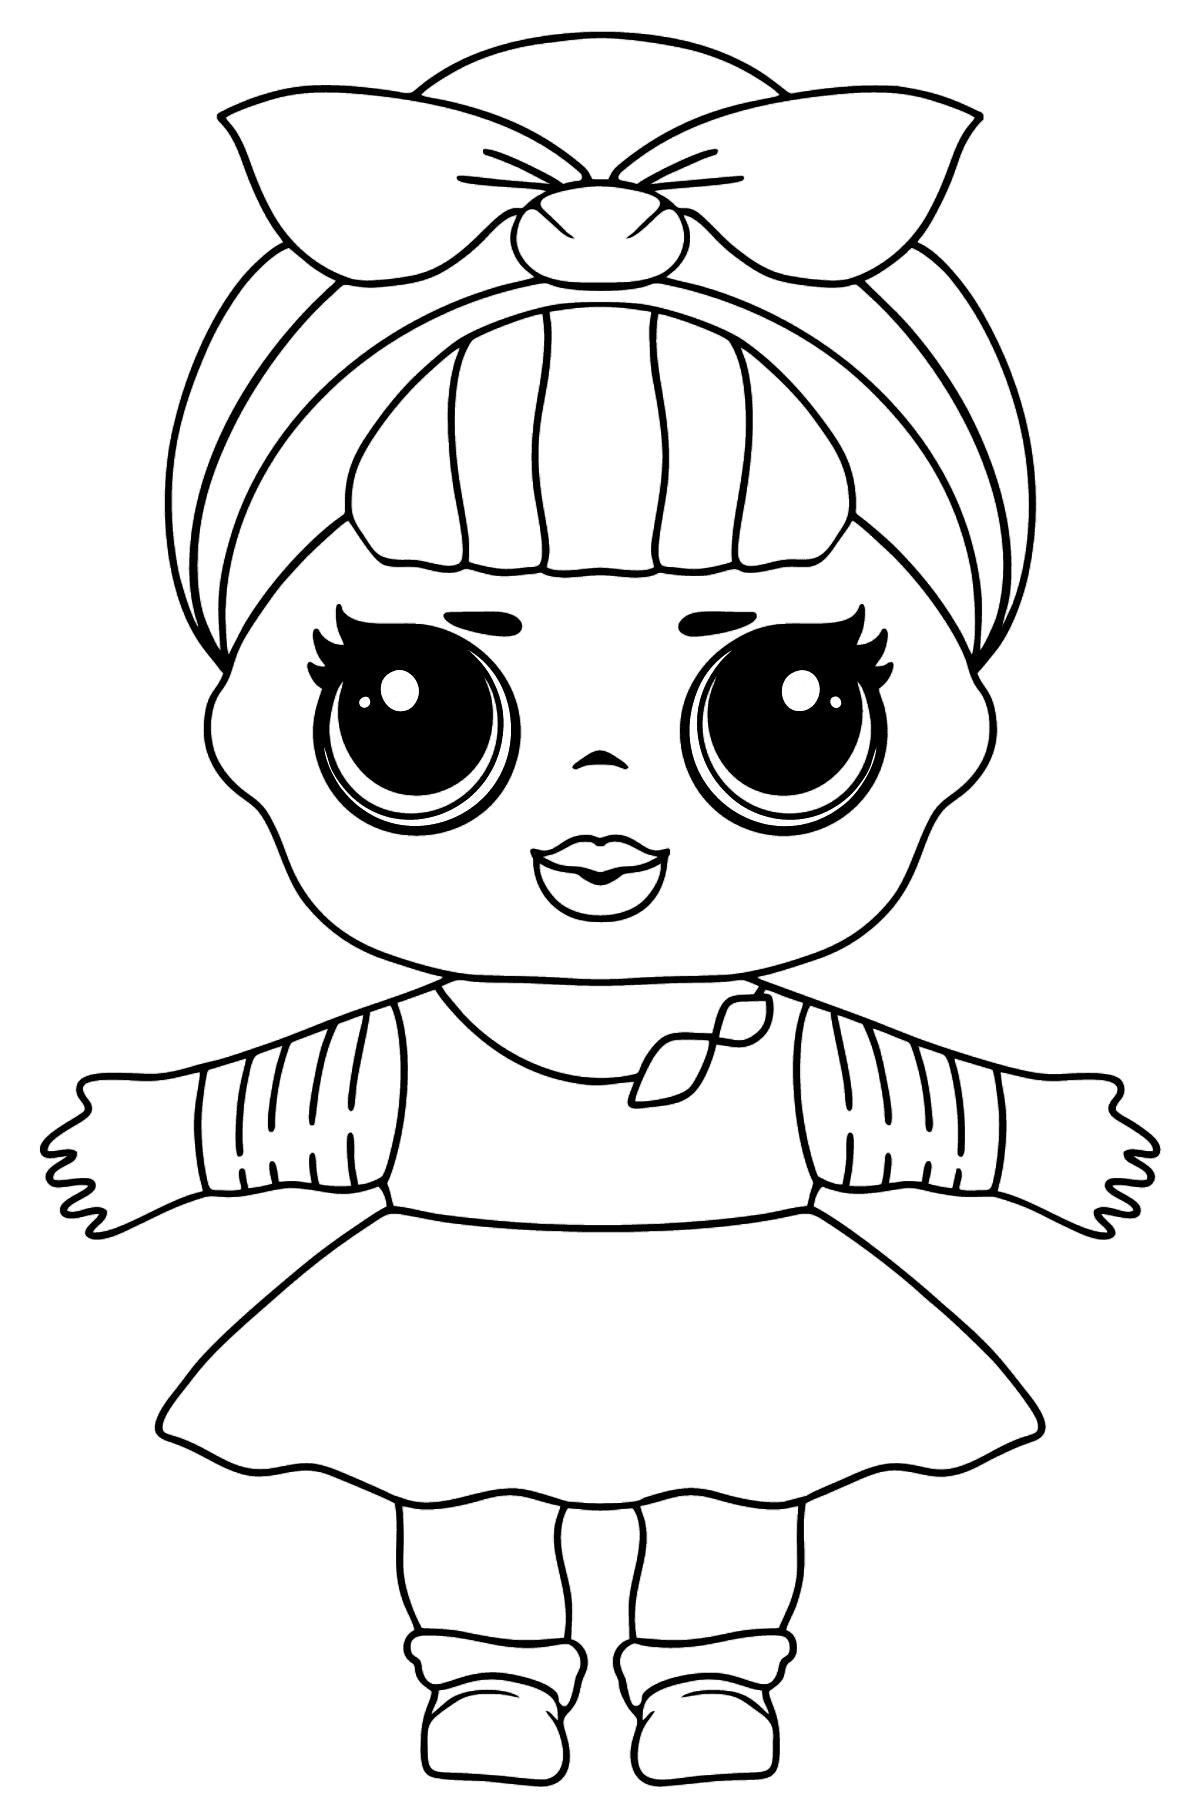 Desenho de Boneca L.O.L. Sis Swing para colorir - Imagens para Colorir para Crianças